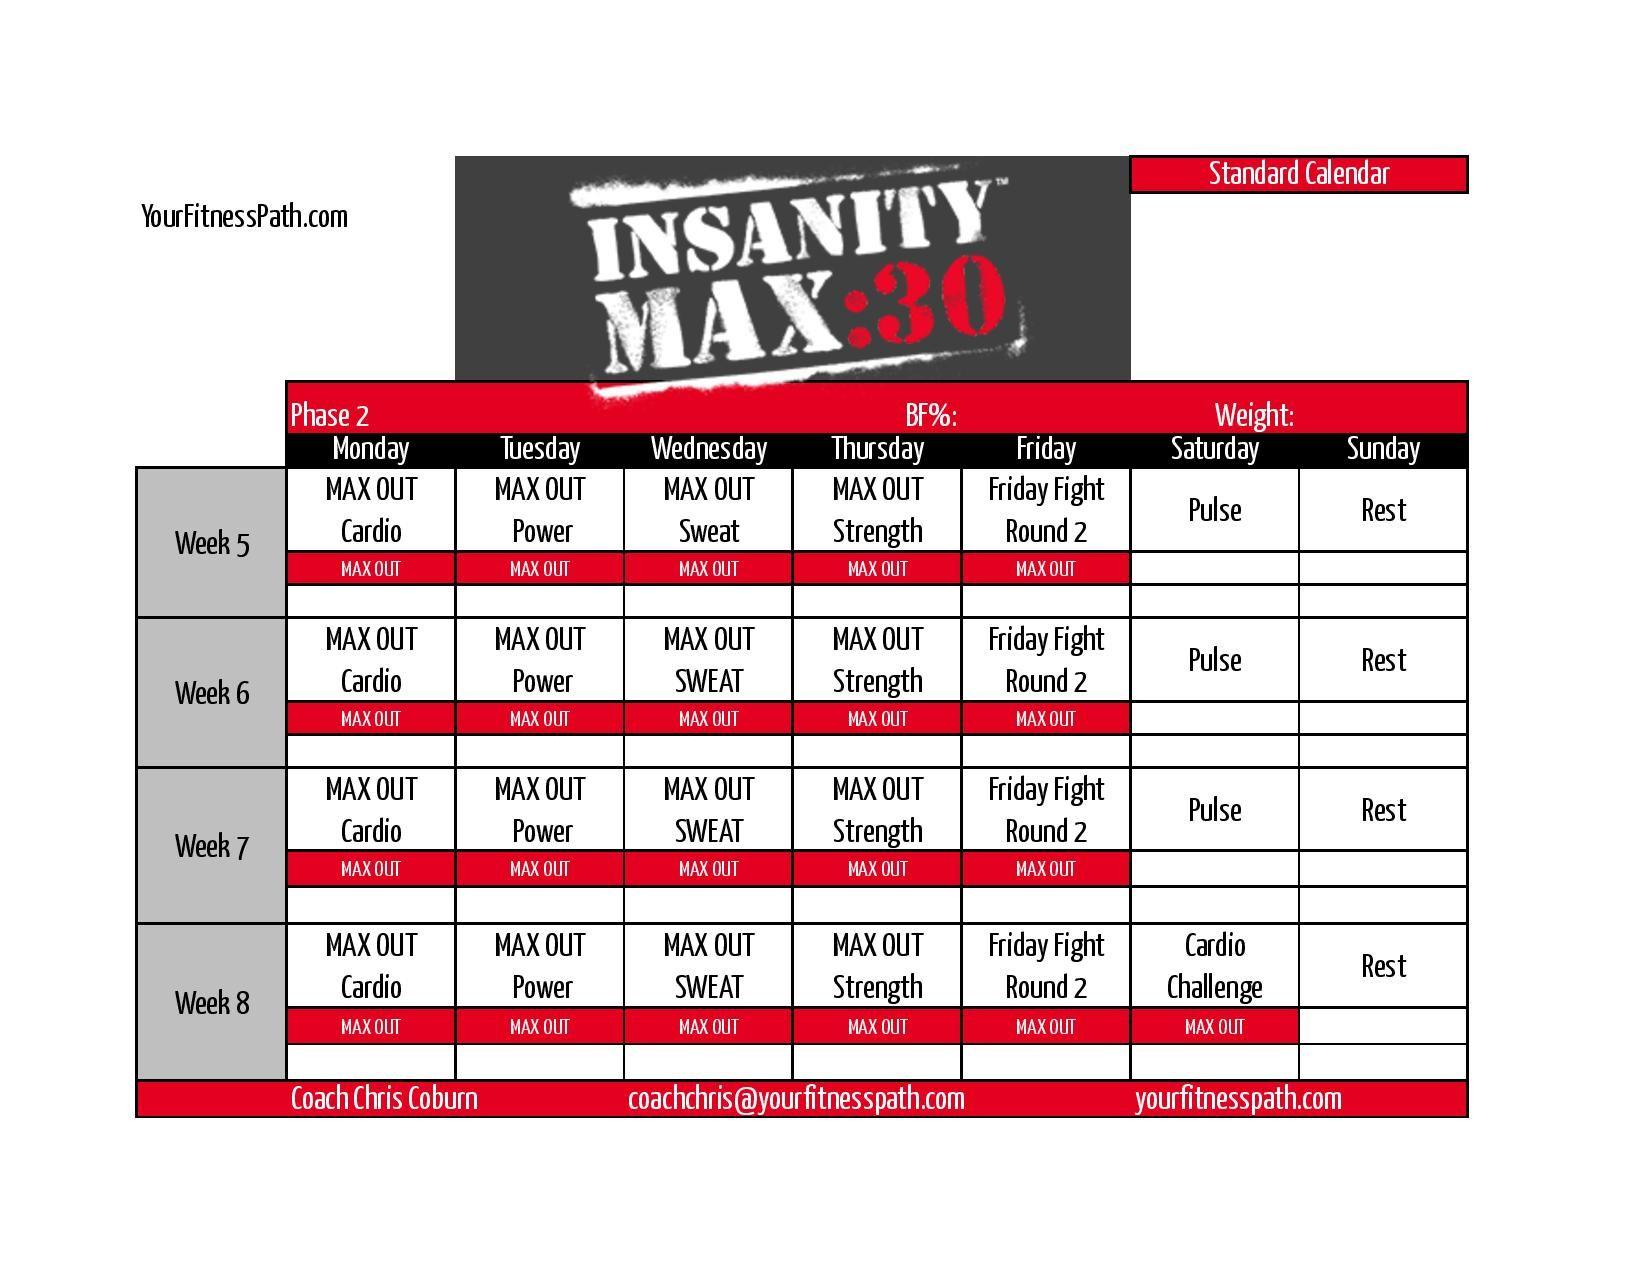 Umass Amherst Academic Calendar 2022.Insanity Max 30 Calendar Month 2 Regular Https Www Youcalendars Com Insanity Max 30 Calendar Html Insanity Max Insanity Max 30 Insanity Max 30 Calendar